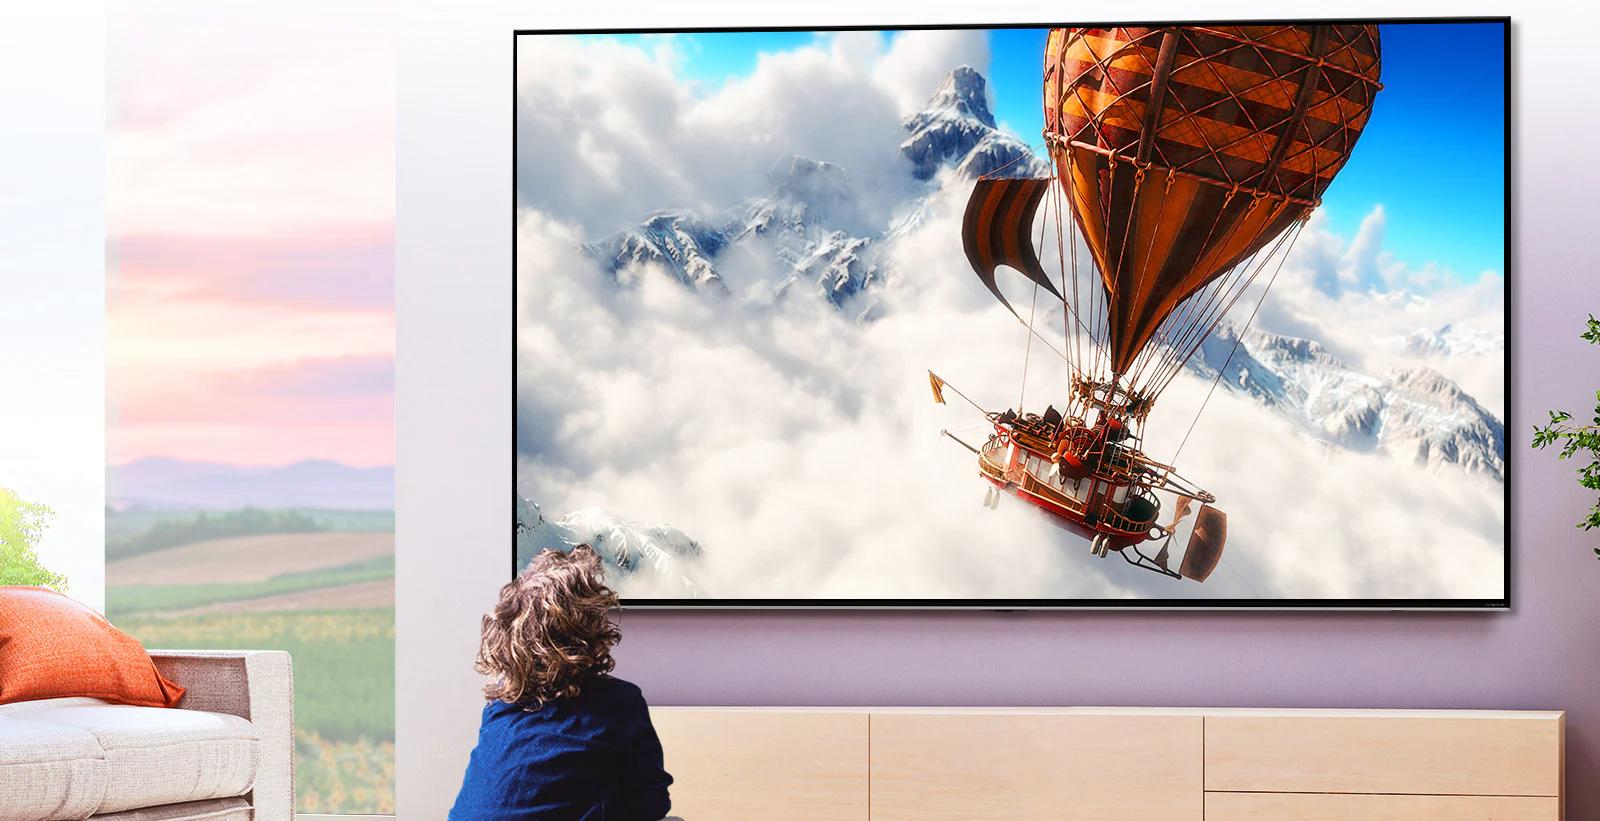 Smart TV LG NanoCell da 55″ e 65″ ai minimi storici su Amazon! Prezzi convenienti - image  on https://www.zxbyte.com